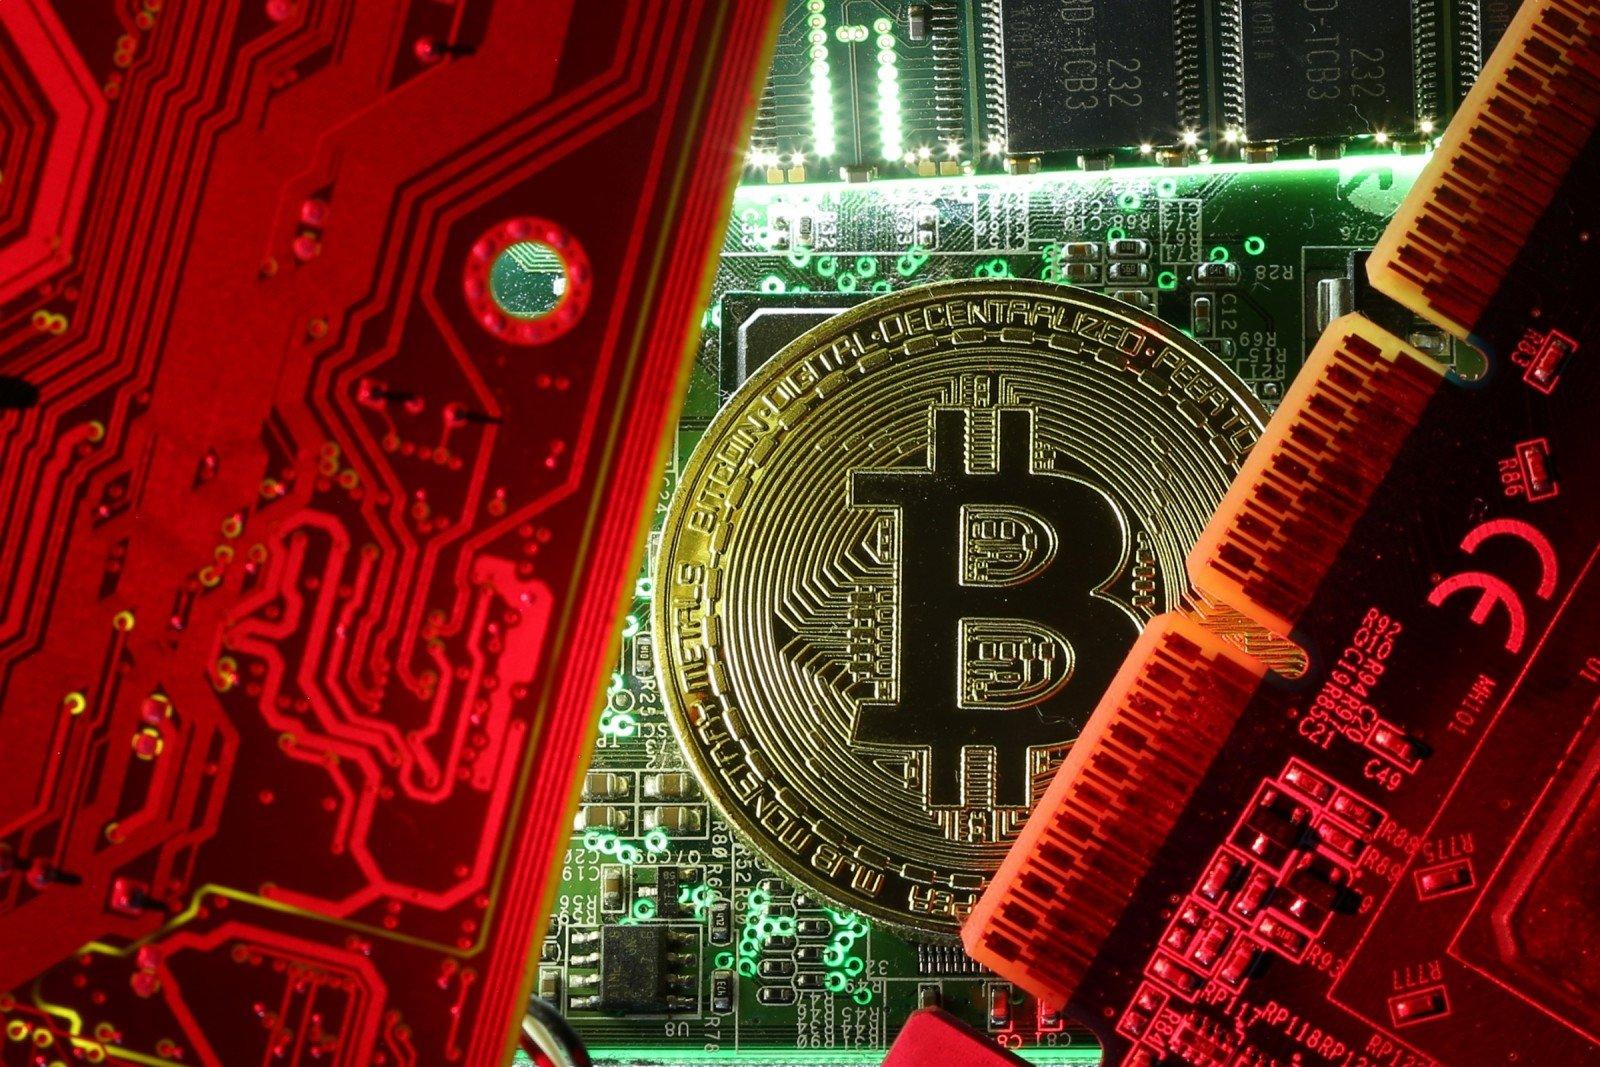 kriptovaliuta turt investuoti opciono prekybos udemy